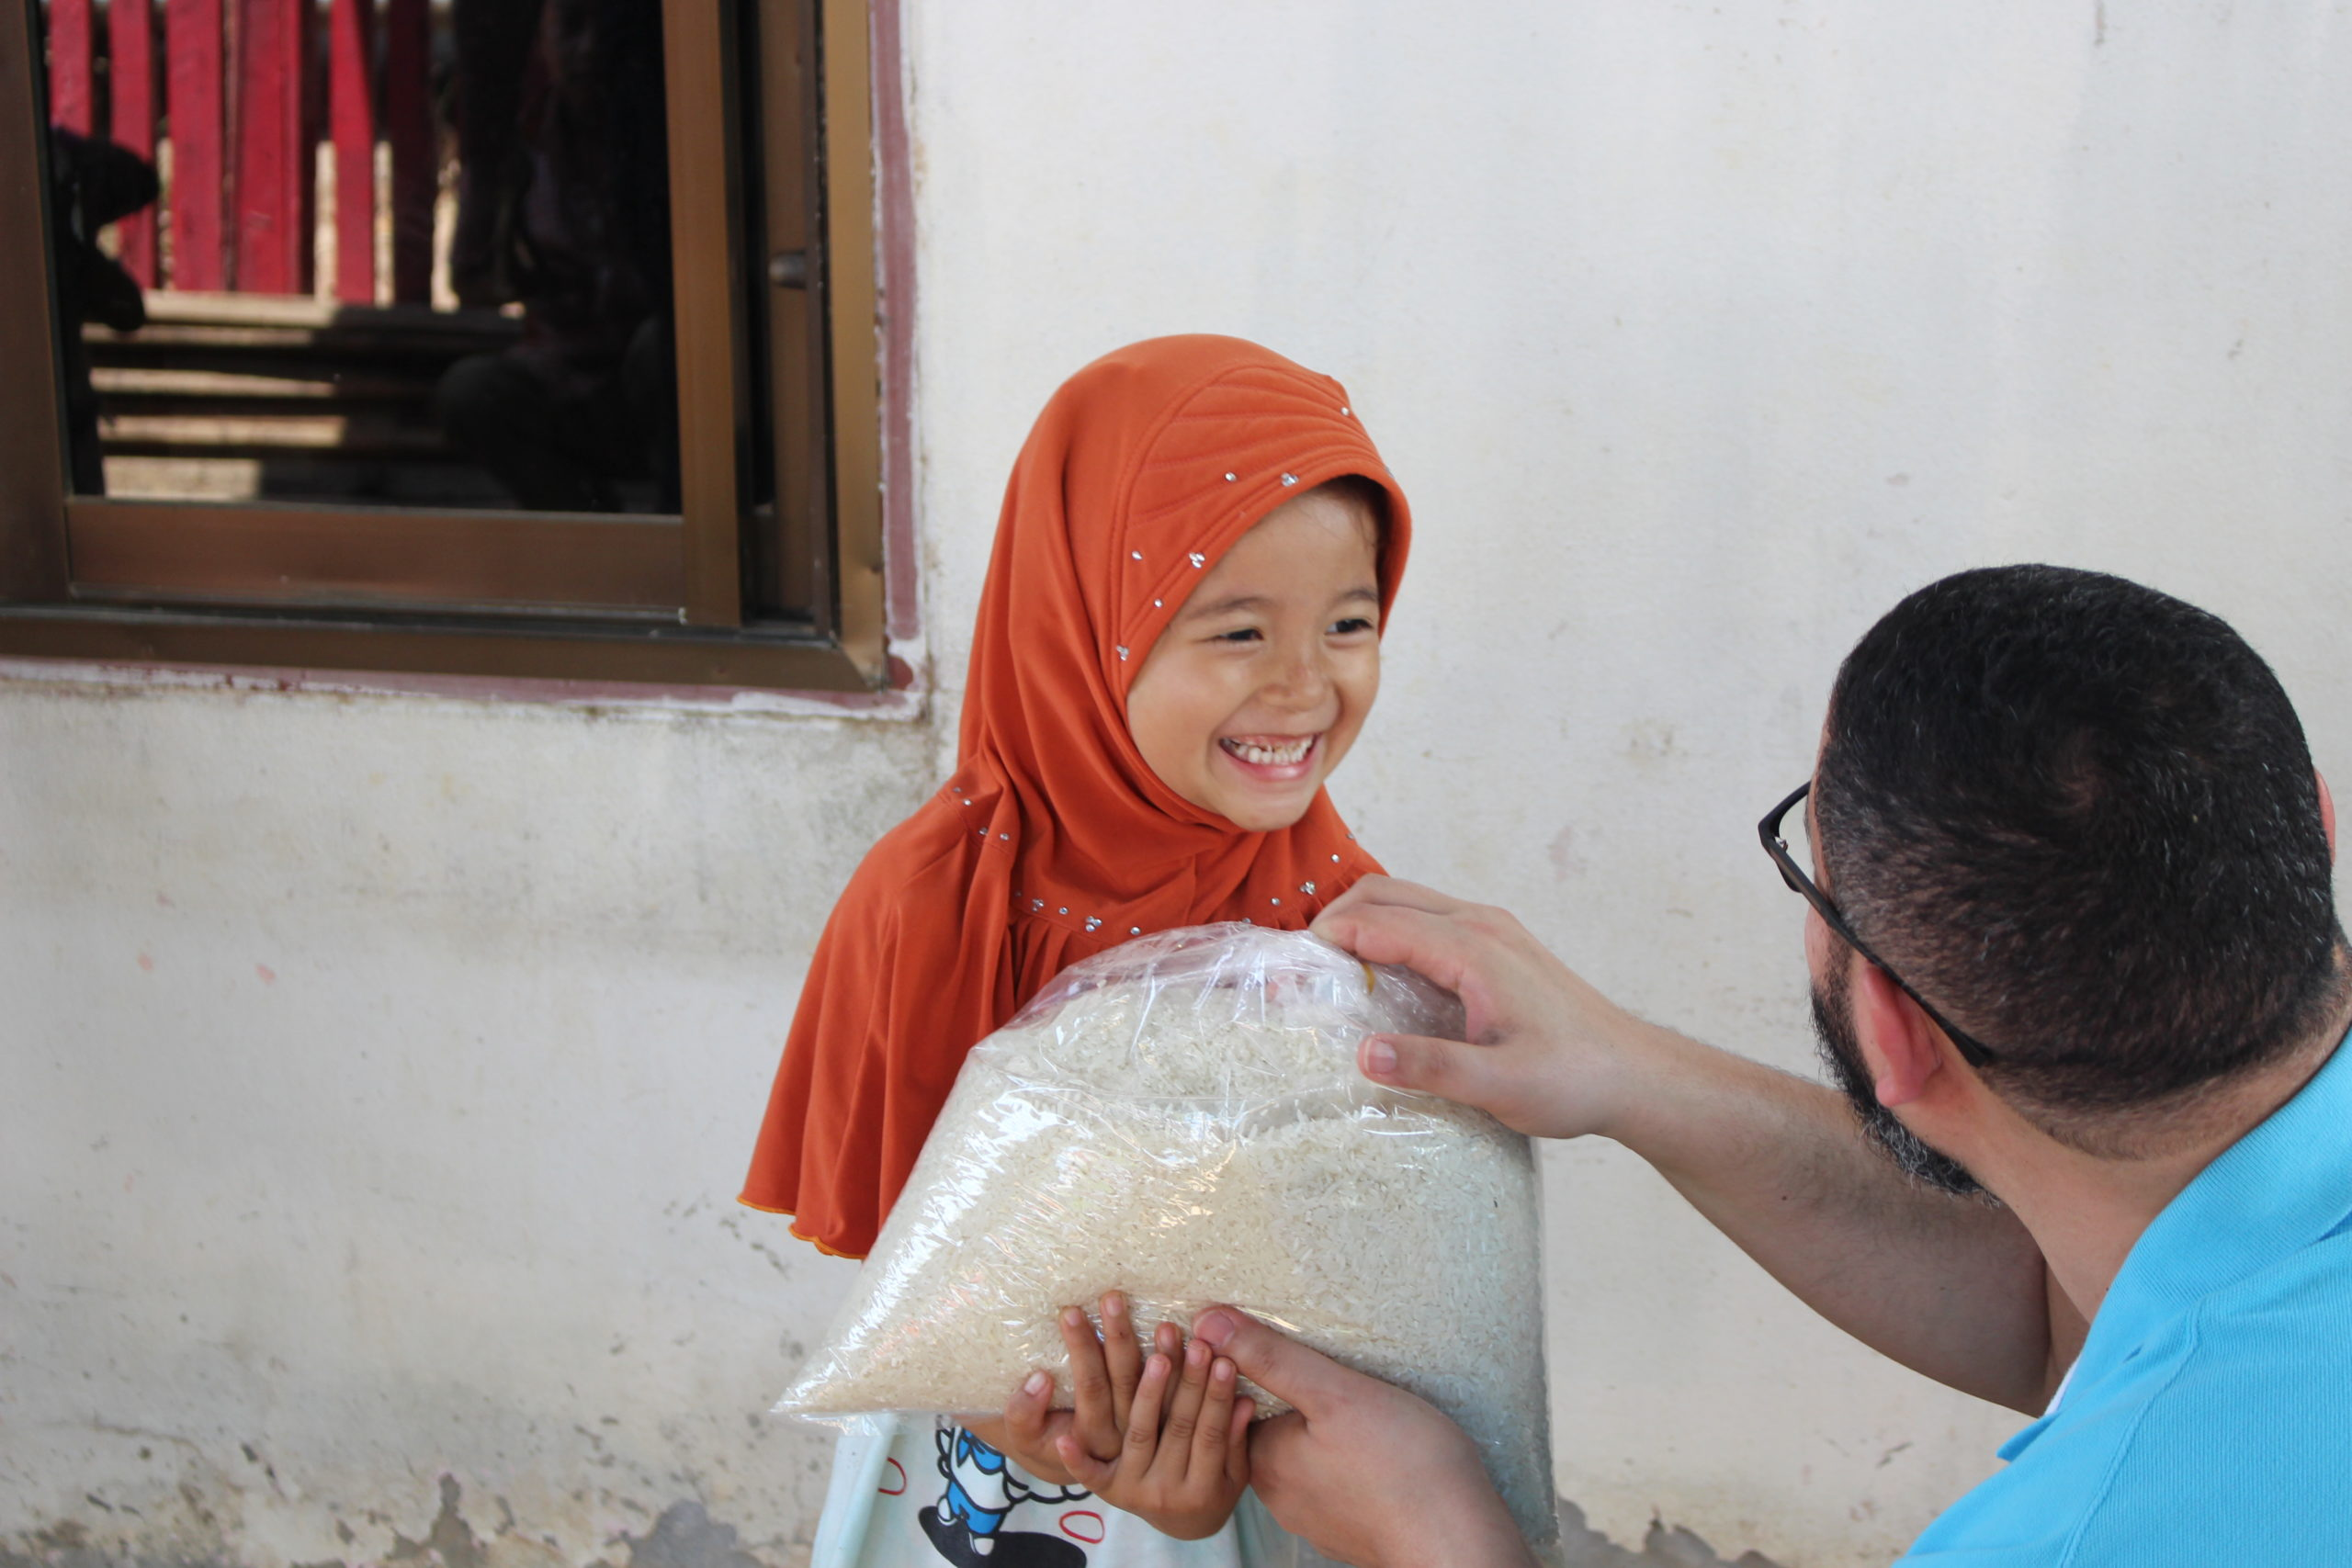 La petite fille ne peut cacher son sourire en recevant le riz.